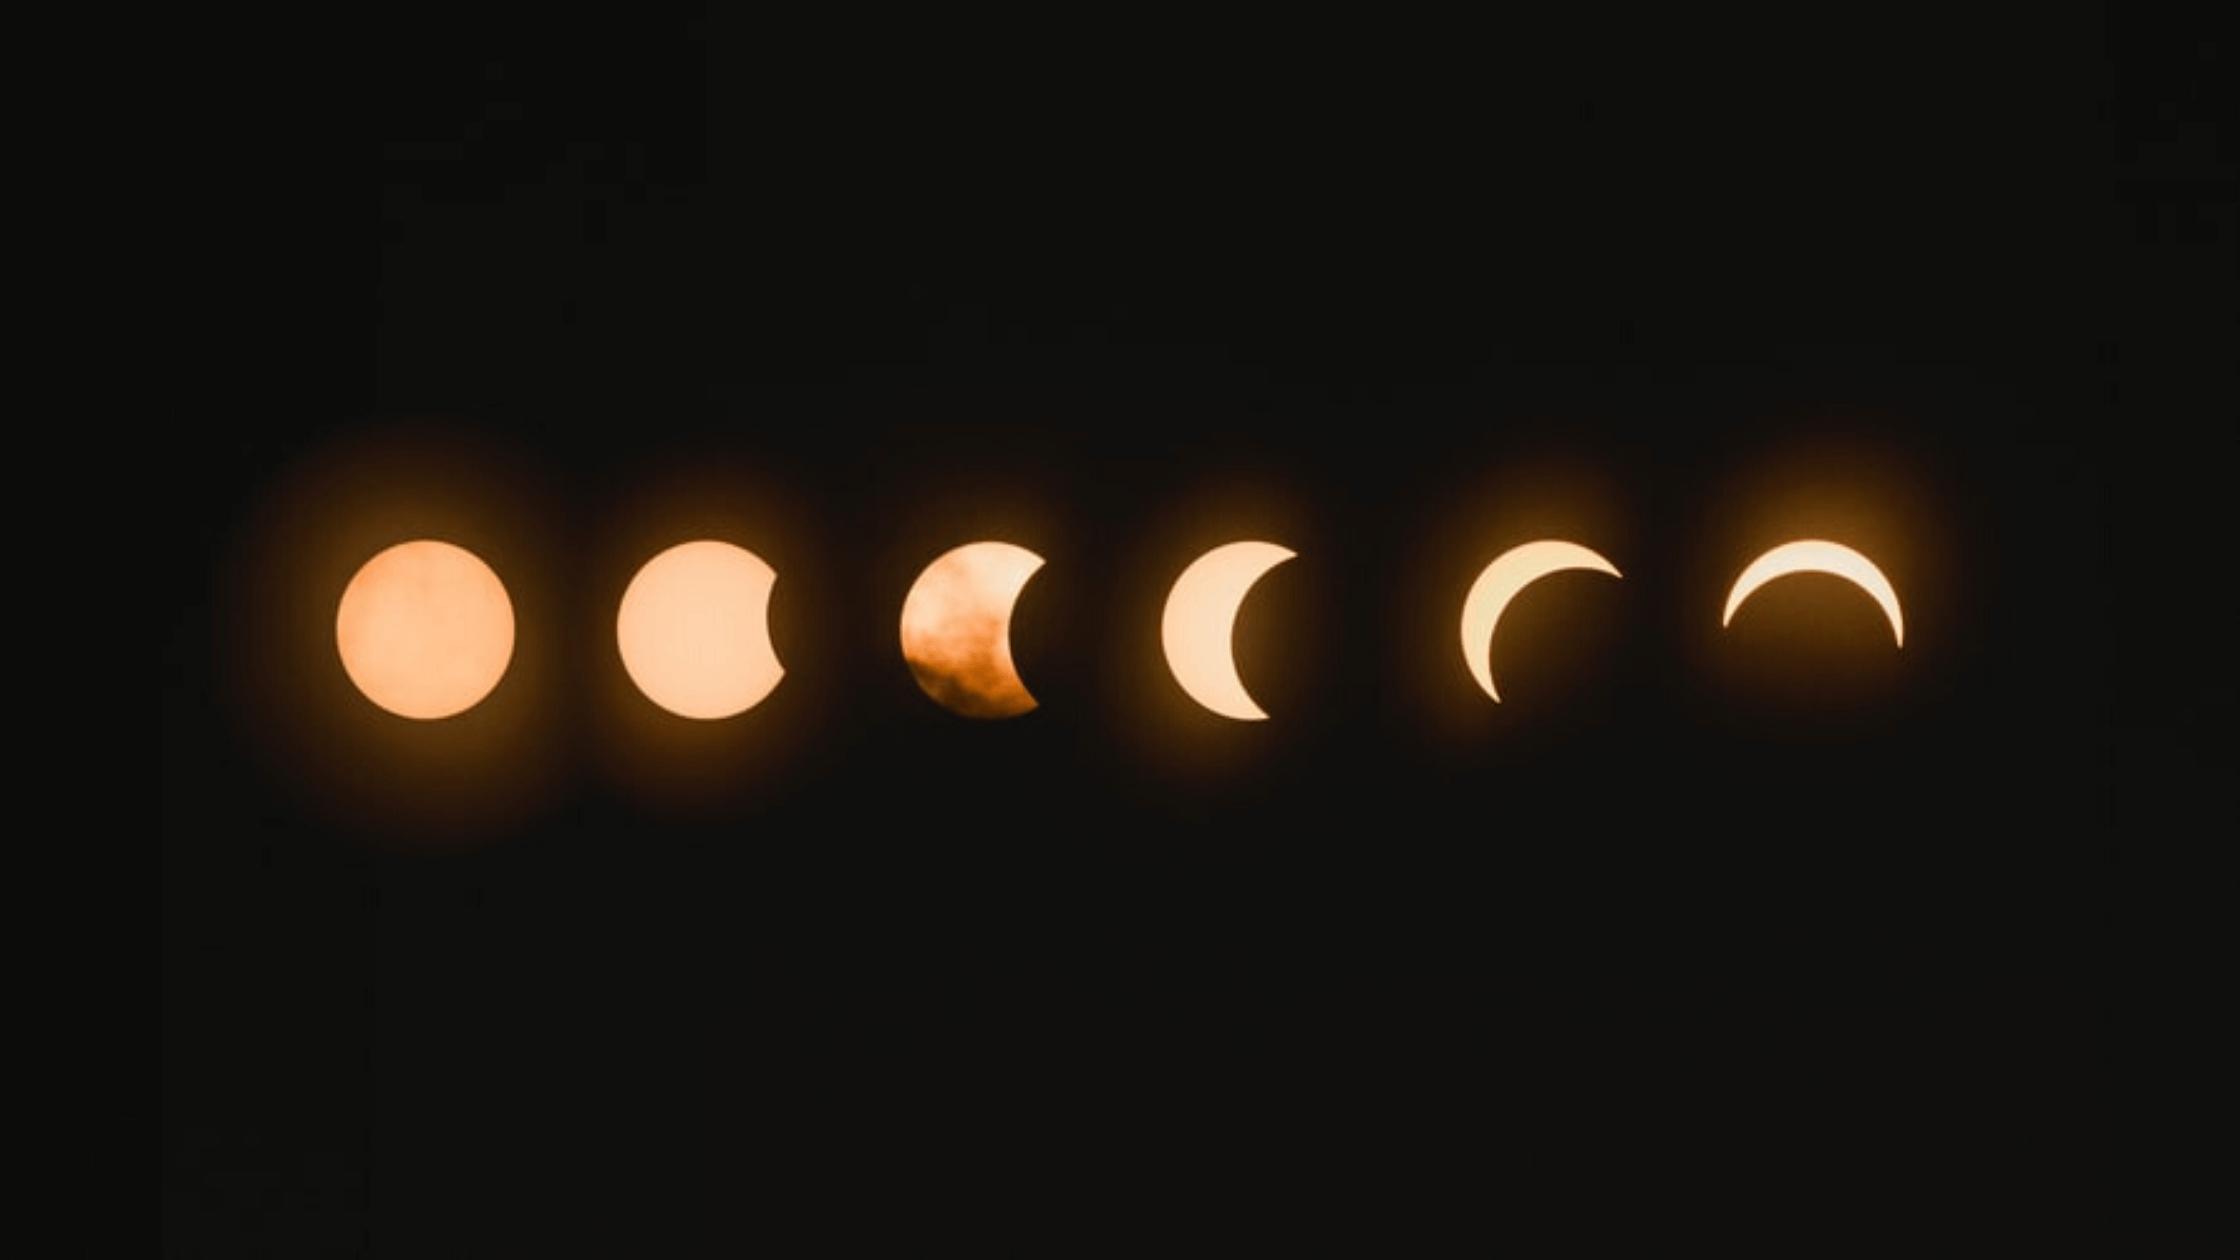 lunar eclipse in capricorn